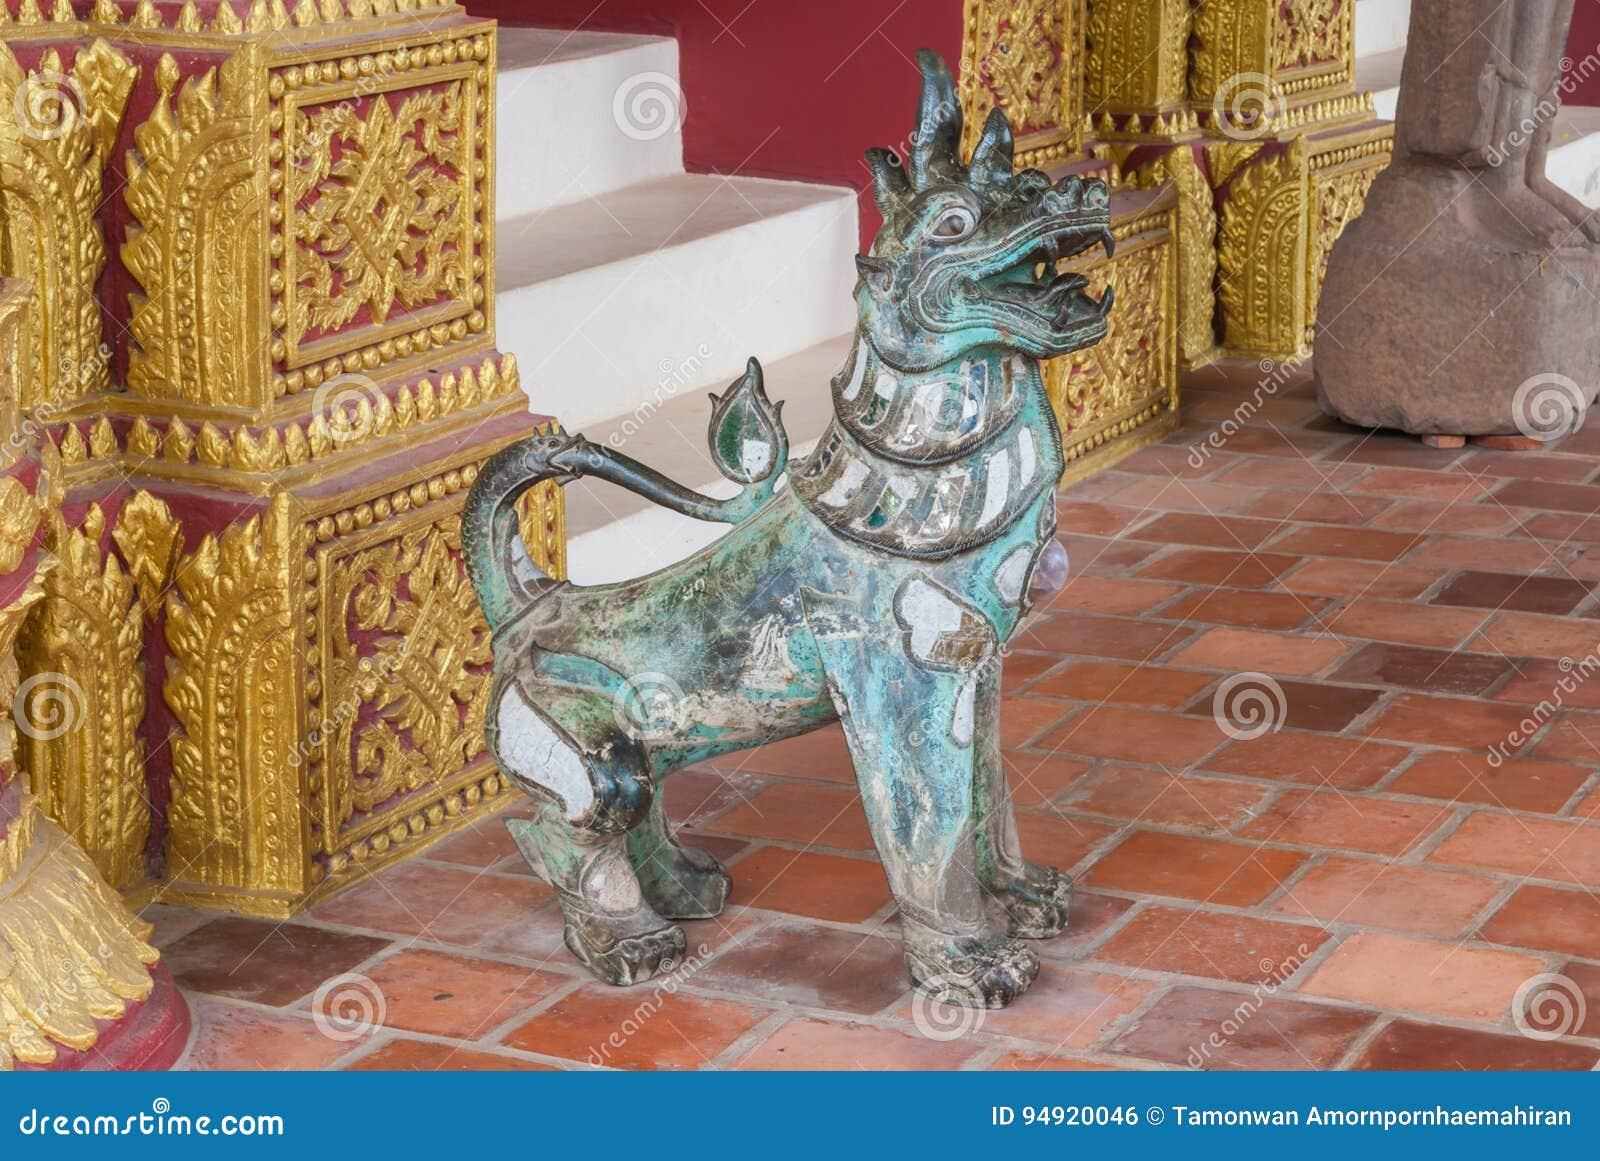 Forntida Singha lejon, magiskt djur i buddismlegend, staty som åldras över 150 år